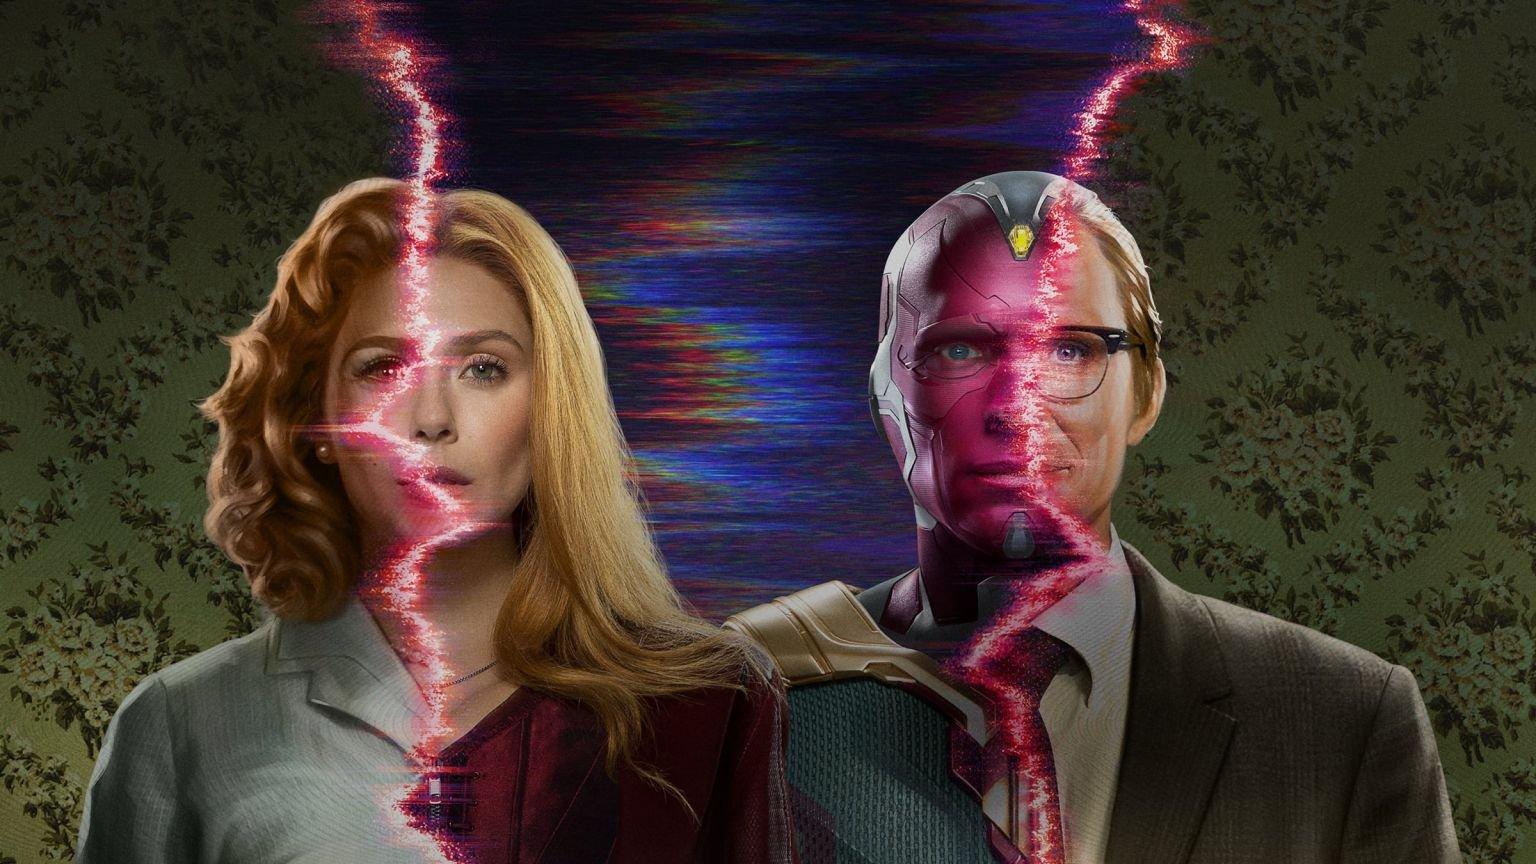 'Avengers: Endgame' zou origineel een post-credits-scène met Vision krijgen volgens Paul Bettany